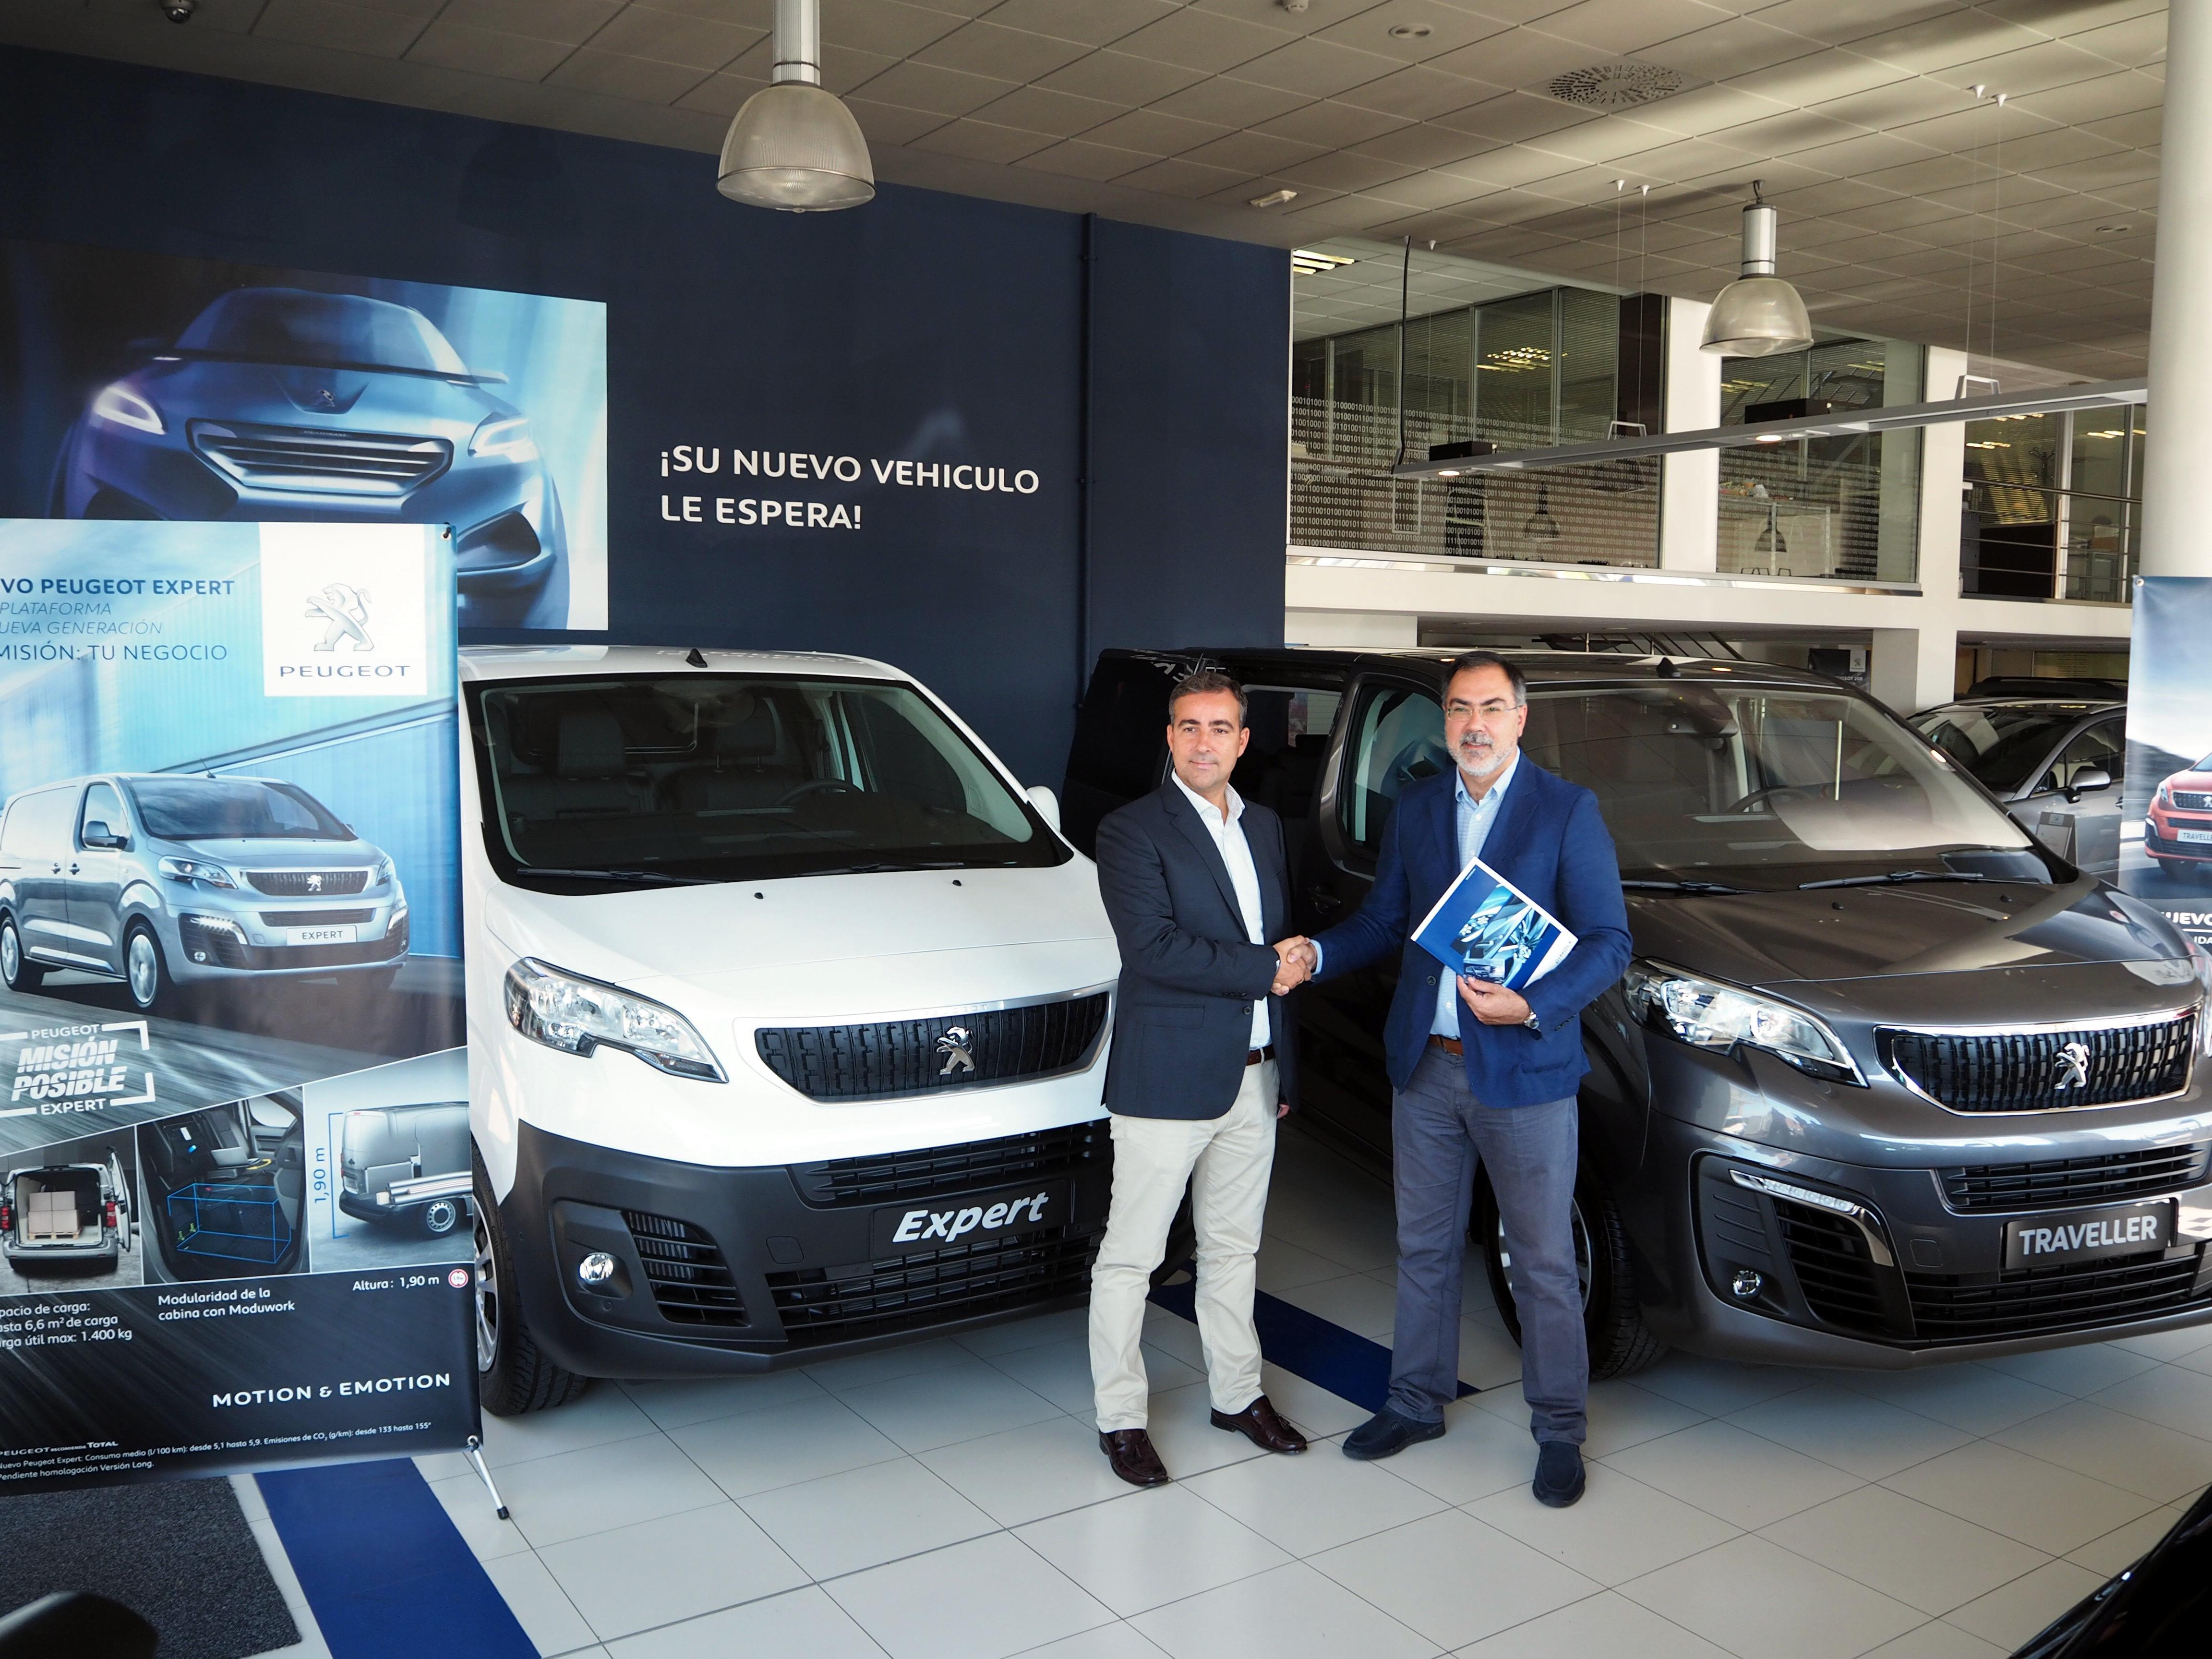 Apecco y Peugeot Dimolk firman un acuerdo de colaboración